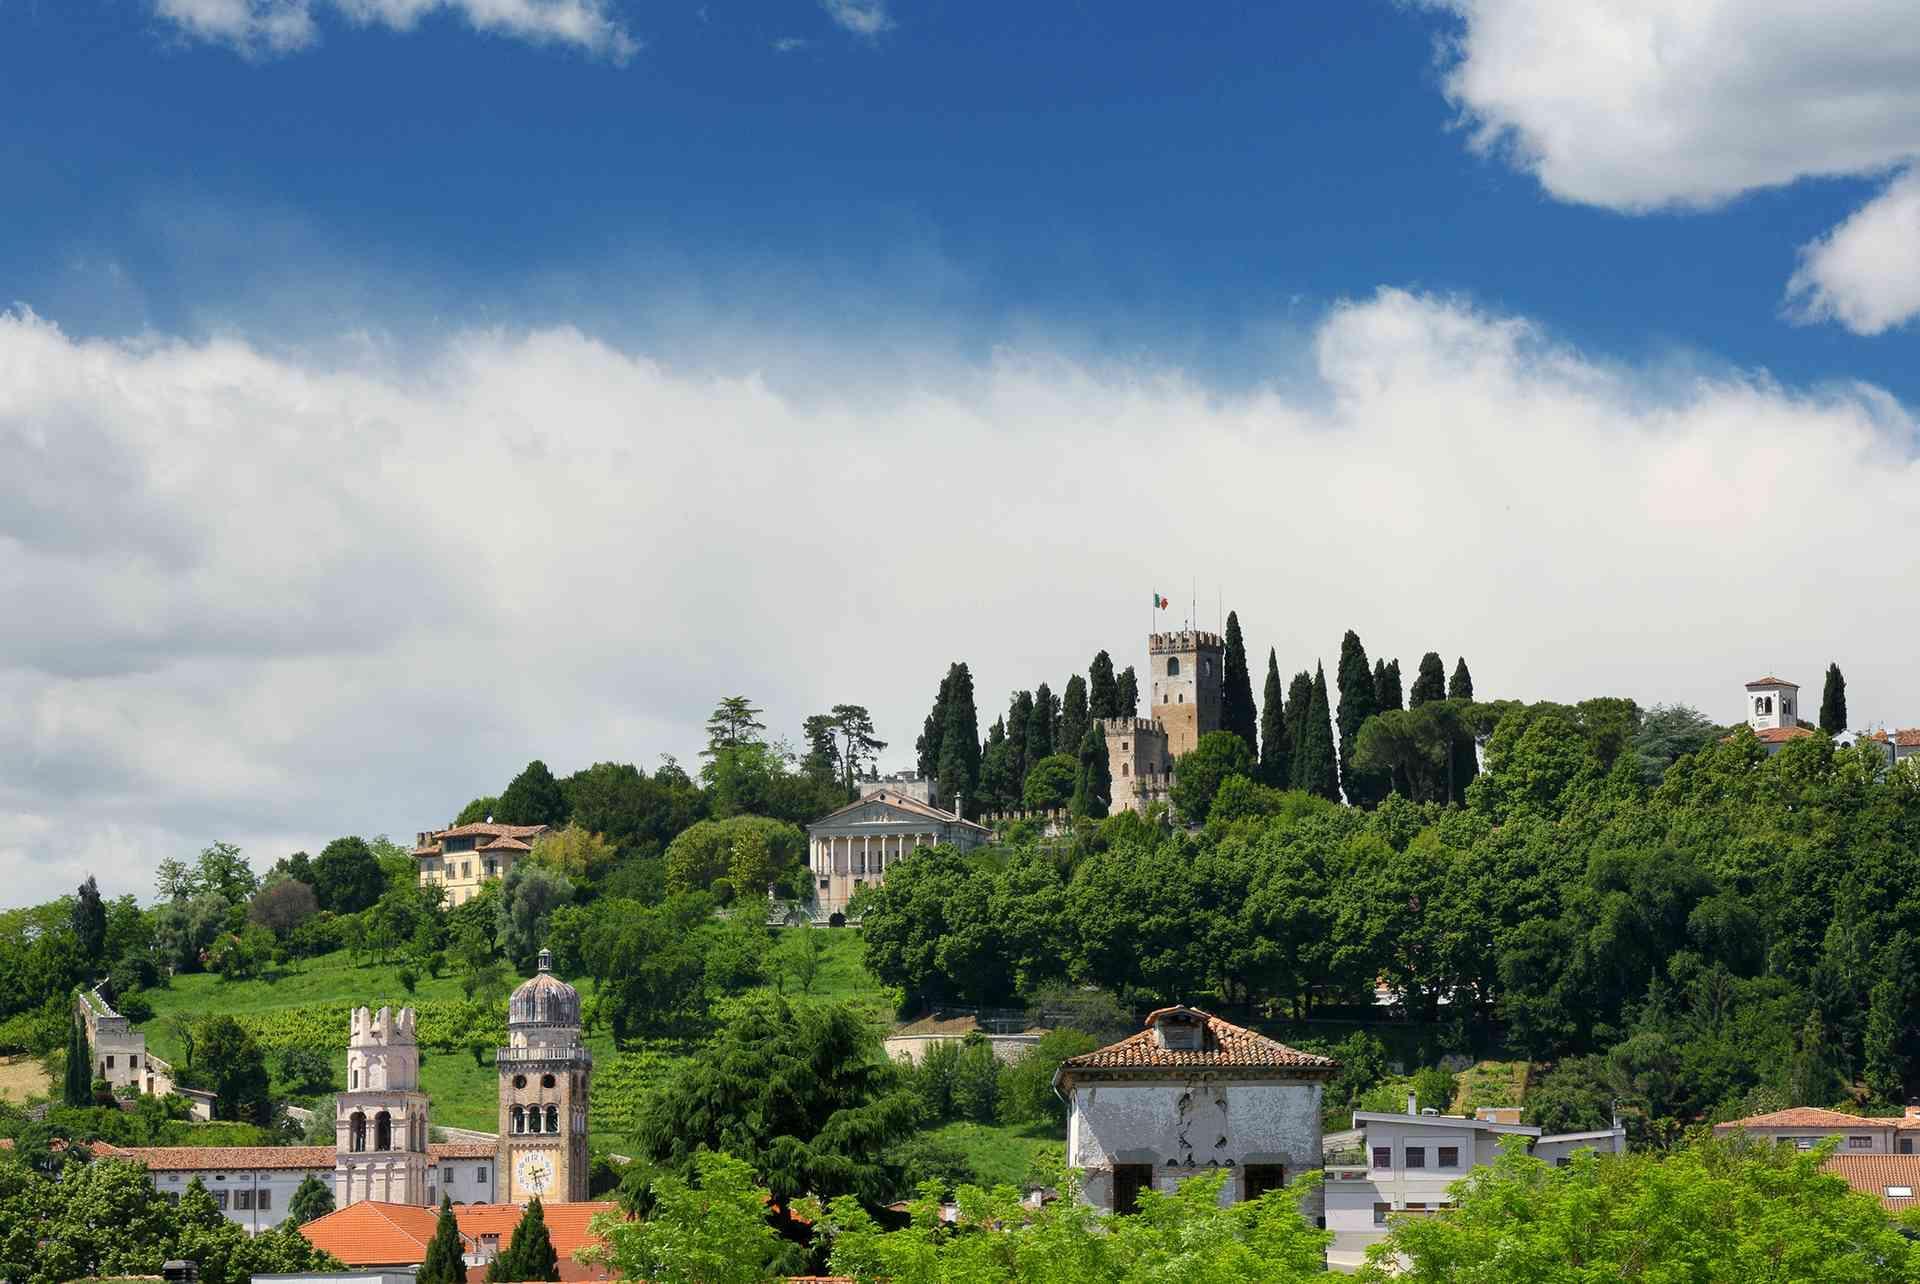 The castle of Conegliano Veneto - Colline del Prosecco UNESCO